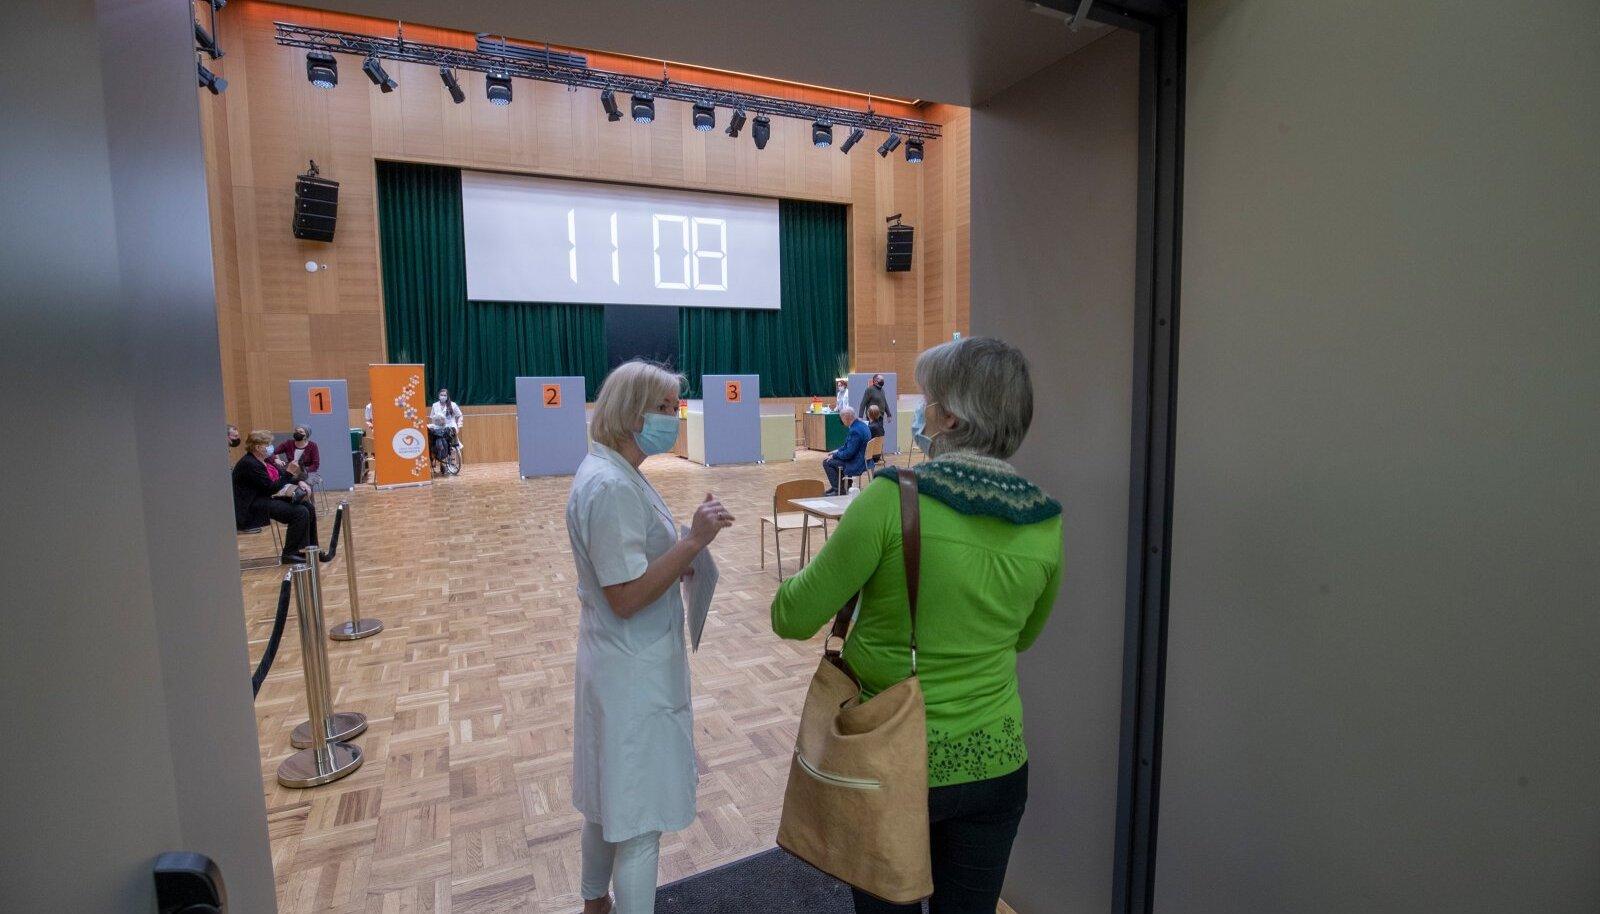 Kaja kultuurikeskuses vaktsineeriti inimesi